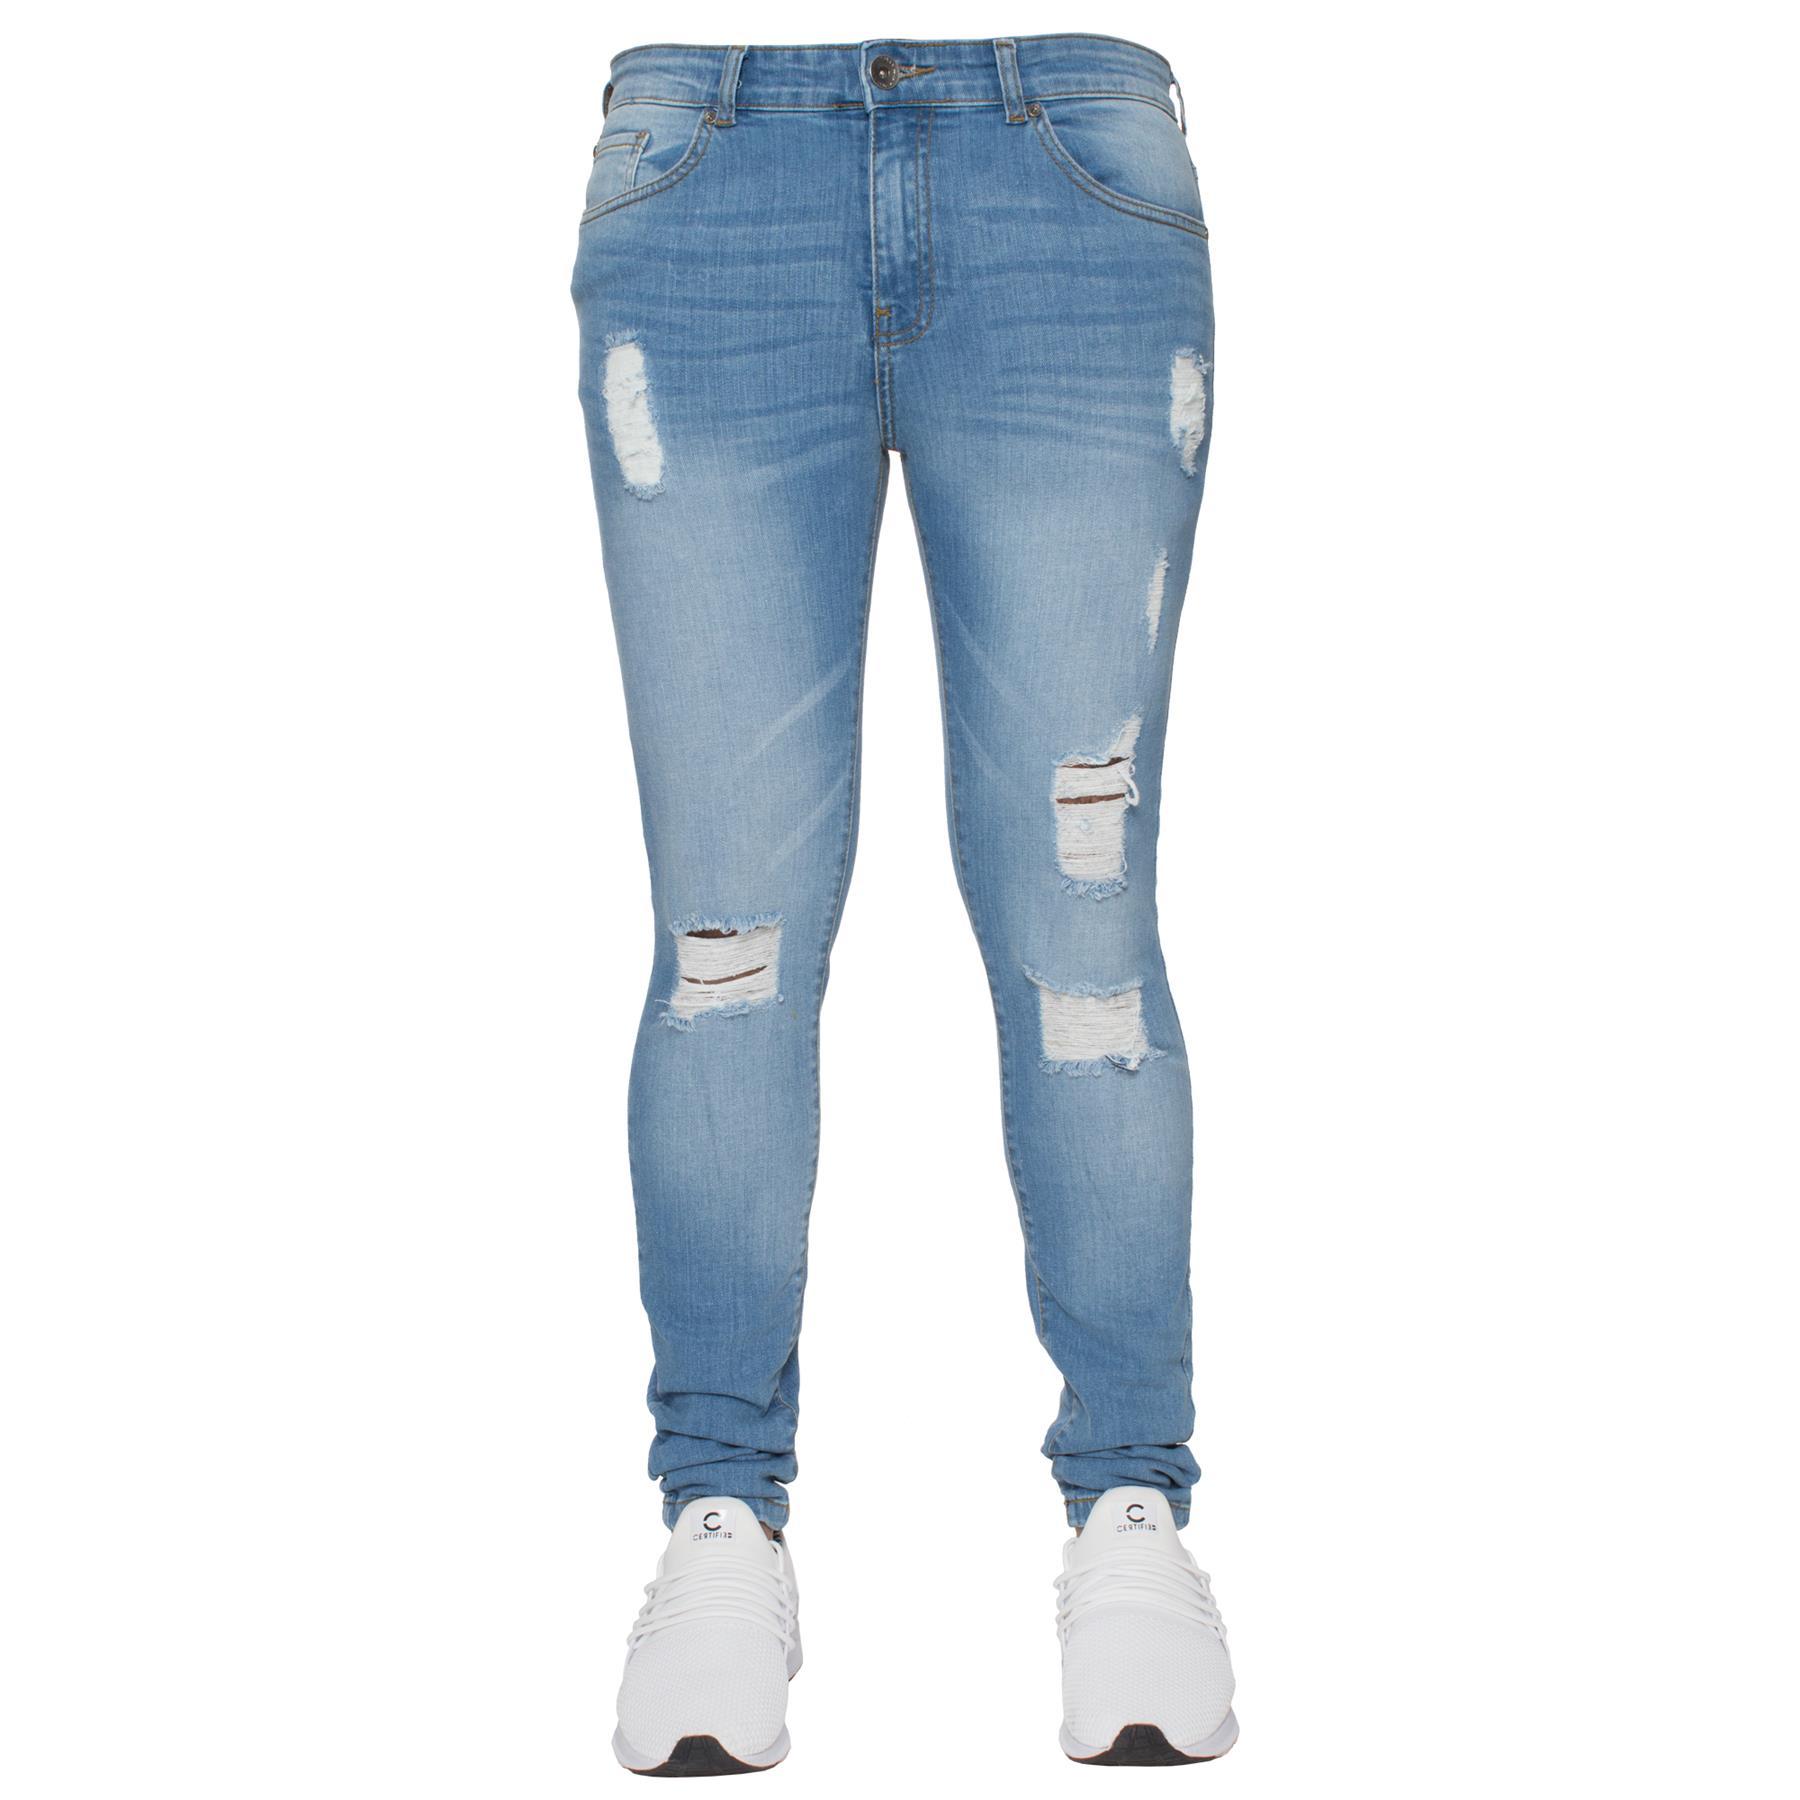 Para-hombre-Super-Skinny-Ripped-Jeans-Pantalones-Ajustados-desgastados-Denim-Envejecido-Todas miniatura 13